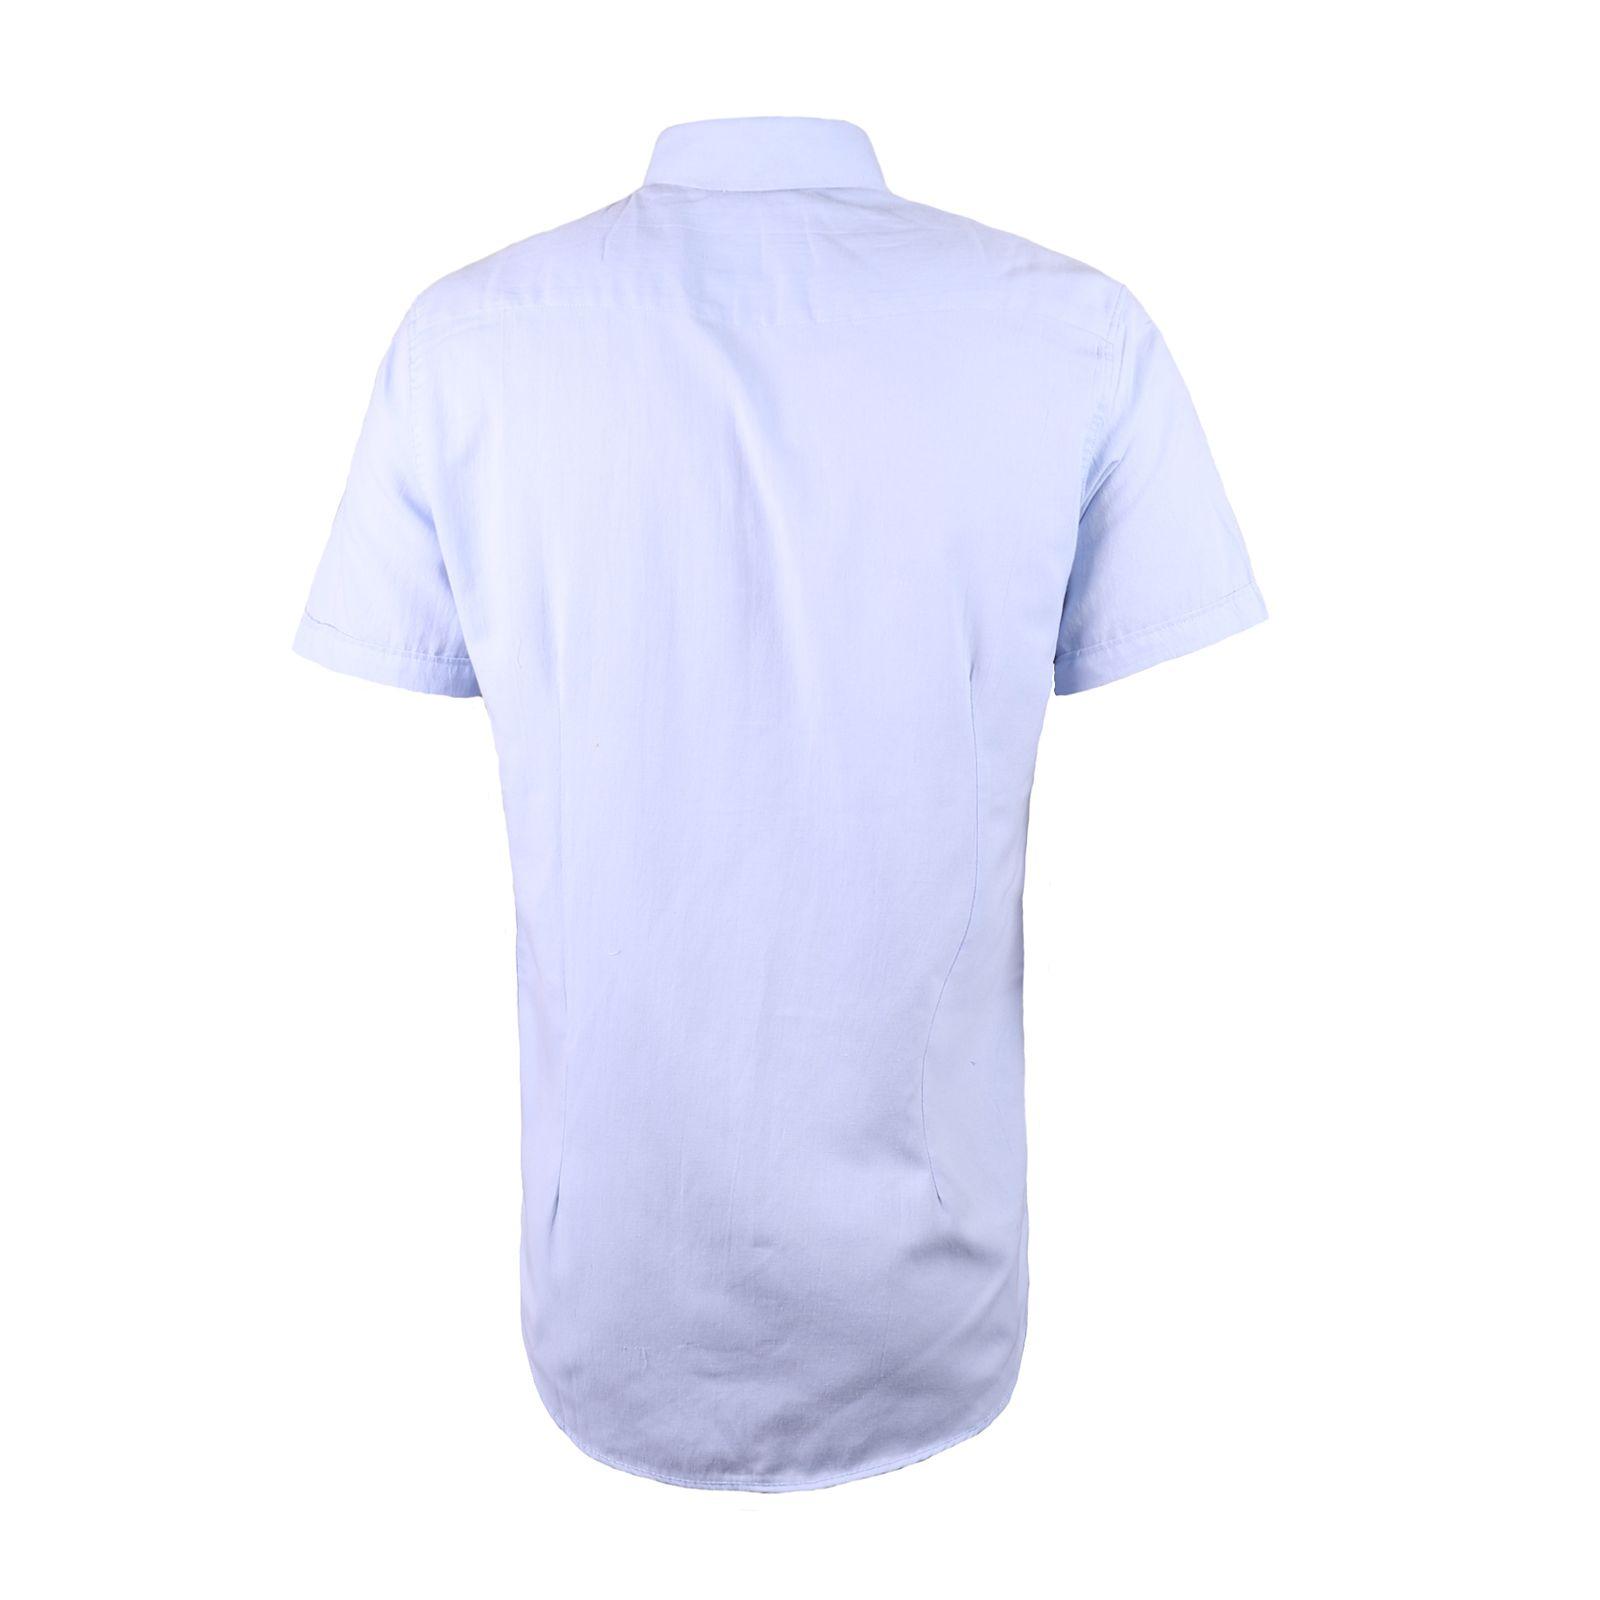 پیراهن مردانه کوک تریکو مدل 61727 -  - 3